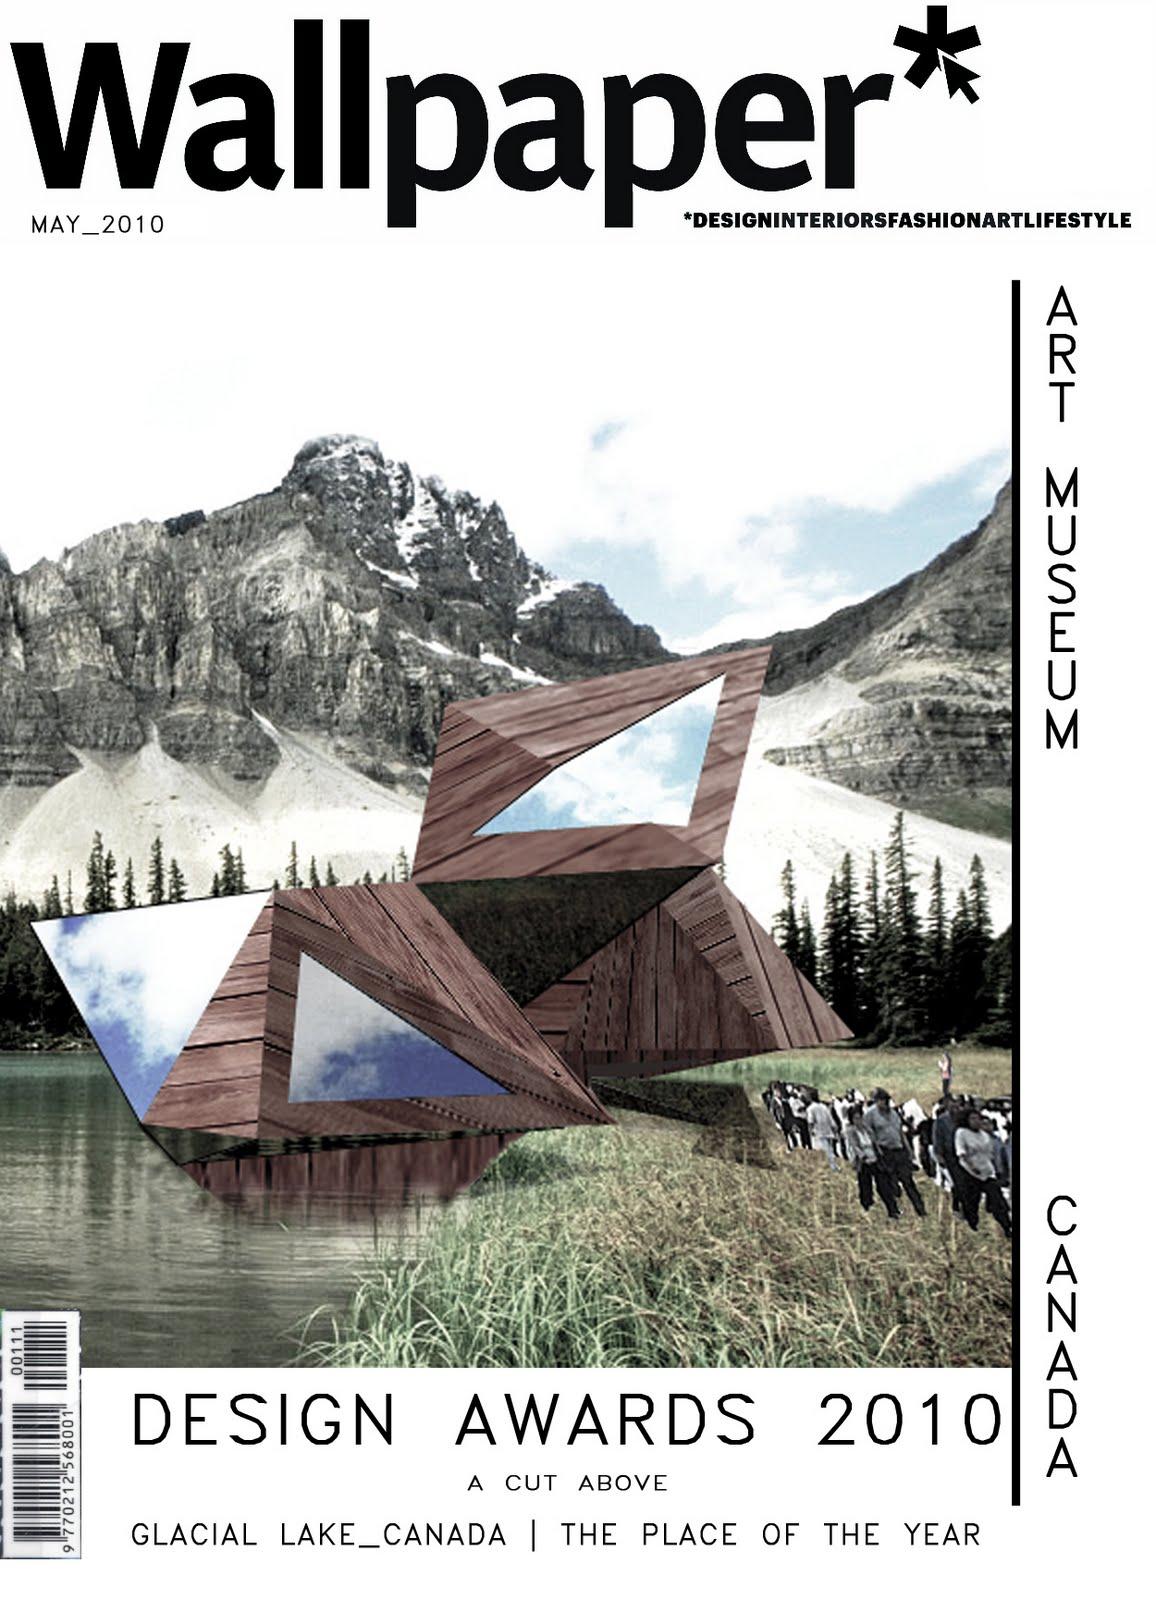 http://4.bp.blogspot.com/_PDkJQCNvs4k/S_q6thrdD-I/AAAAAAAAAGQ/-tOYKc1LdQo/s1600/wallpaper-magazine-cover.jpg